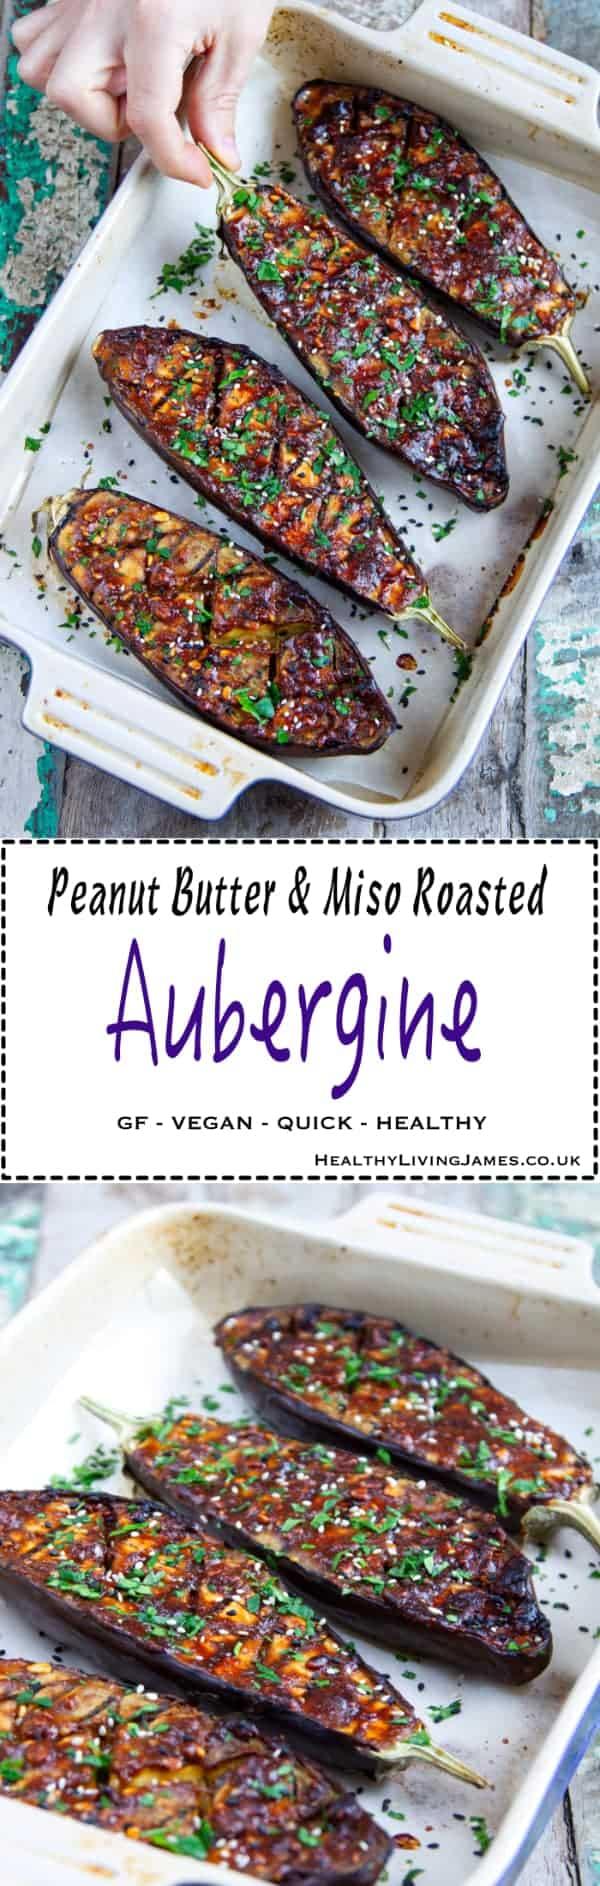 Peanut Butter & Miso Roasted Aubergine